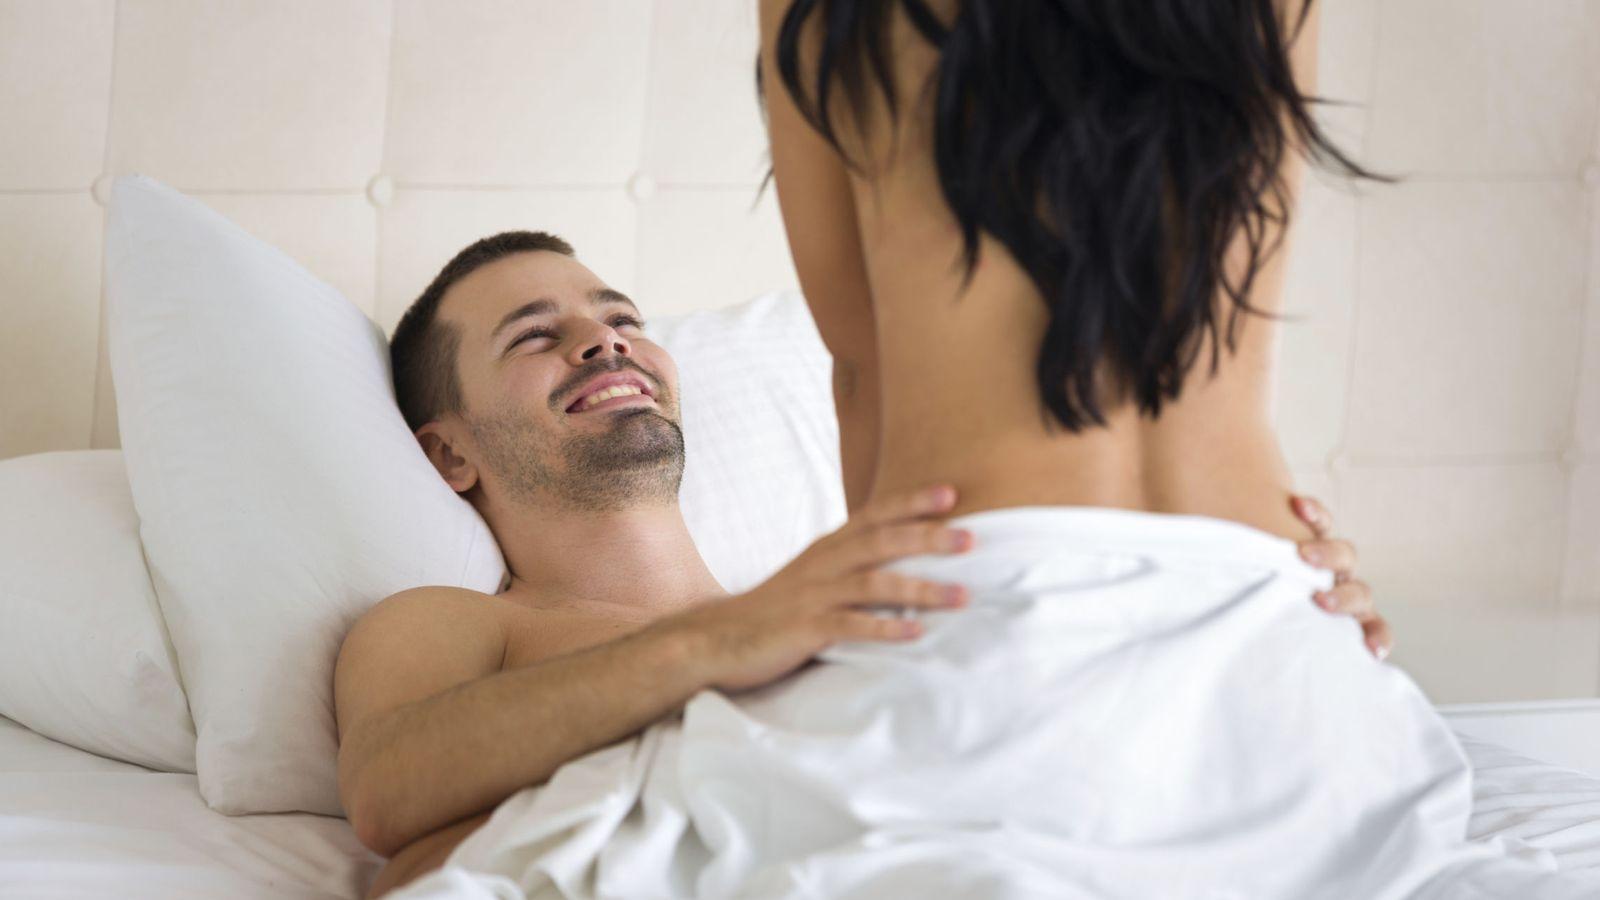 Sexo Esto Es Lo Que Mas Les Gusta A Los Hombres Que Les Digan En La